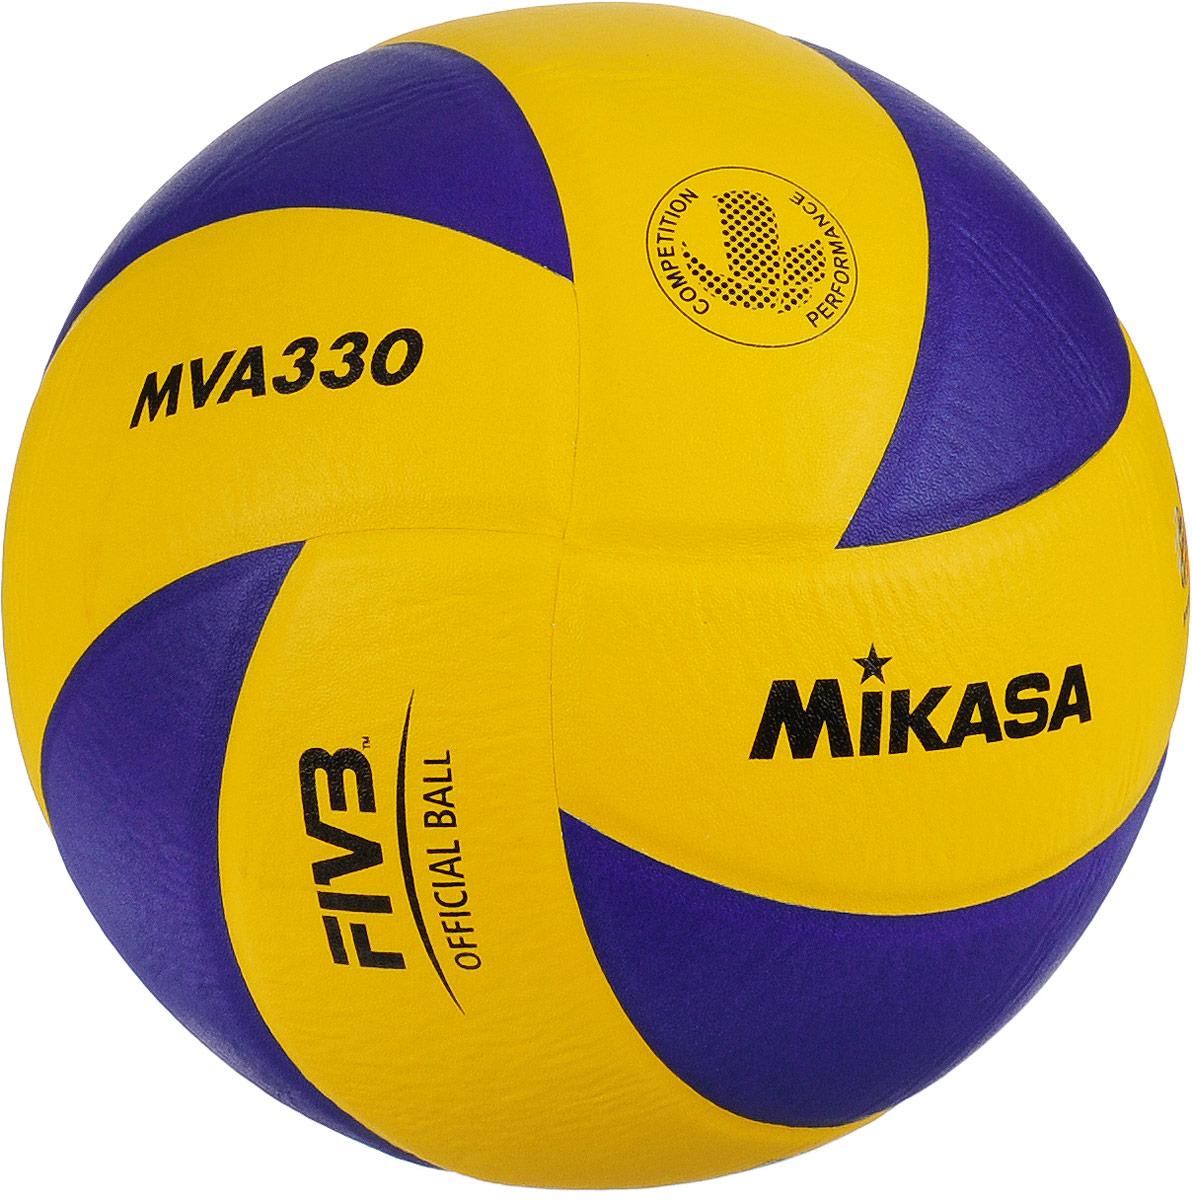 Мяч волейбольный Mikasa MVA 330. Размер 5120330_white/royalМяч Mikasa MVA 330 предназначен для интенсивных тренировок и соревнований в зале. Изделие состоит из 8 панелей, выполненных из синтетической кожи. Камера изготовлена из бутила.УВАЖЕМЫЕ КЛИЕНТЫ!Обращаем ваше внимание на тот факт, что мяч поставляется в сдутом виде. Насос в комплект не входит.